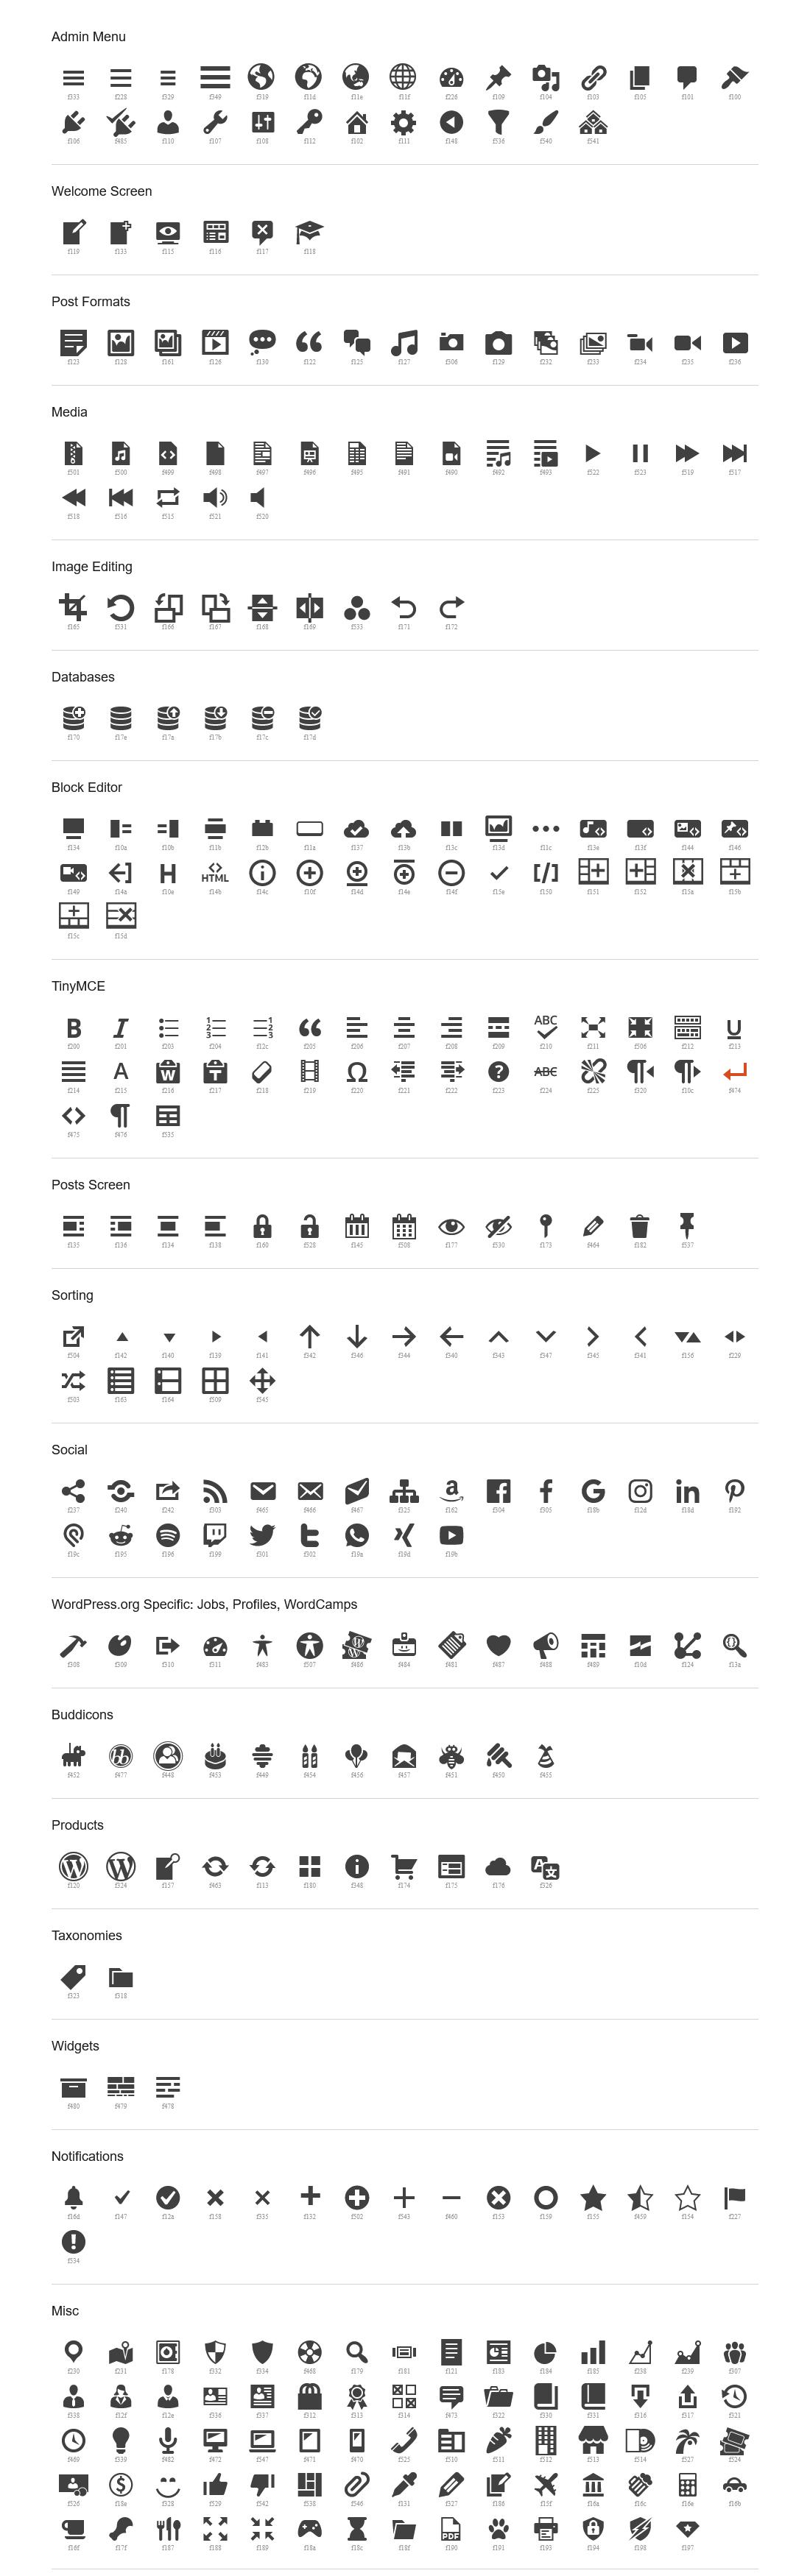 ikony Dashicons, ktoré používa WordPress